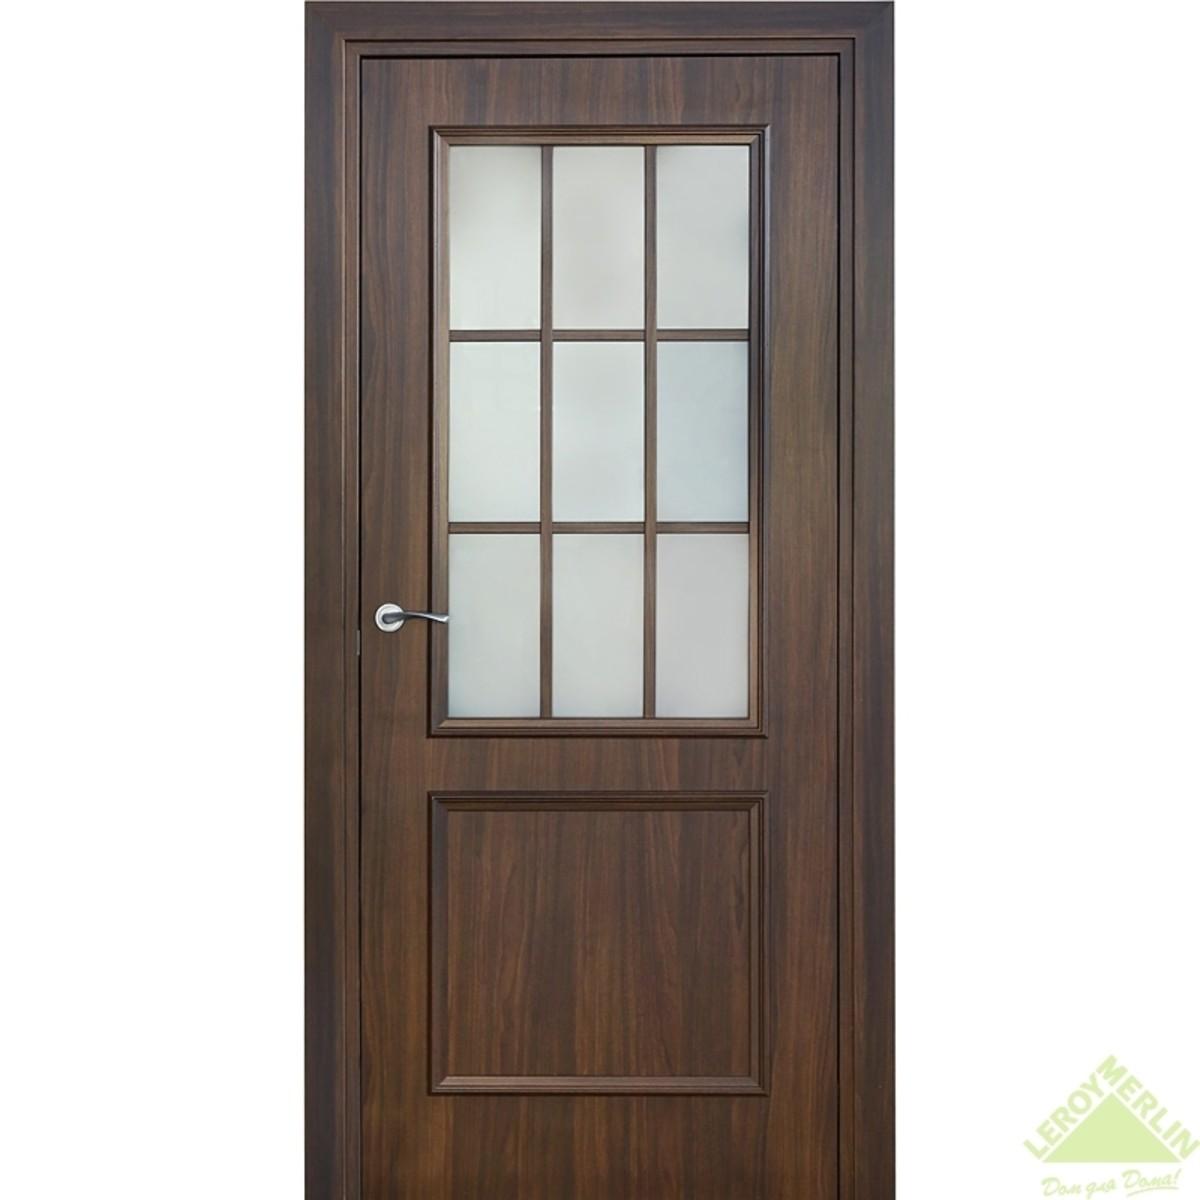 Дверь межкомнатная остеклённая Альтро 819 900x2000 мм орех марроне